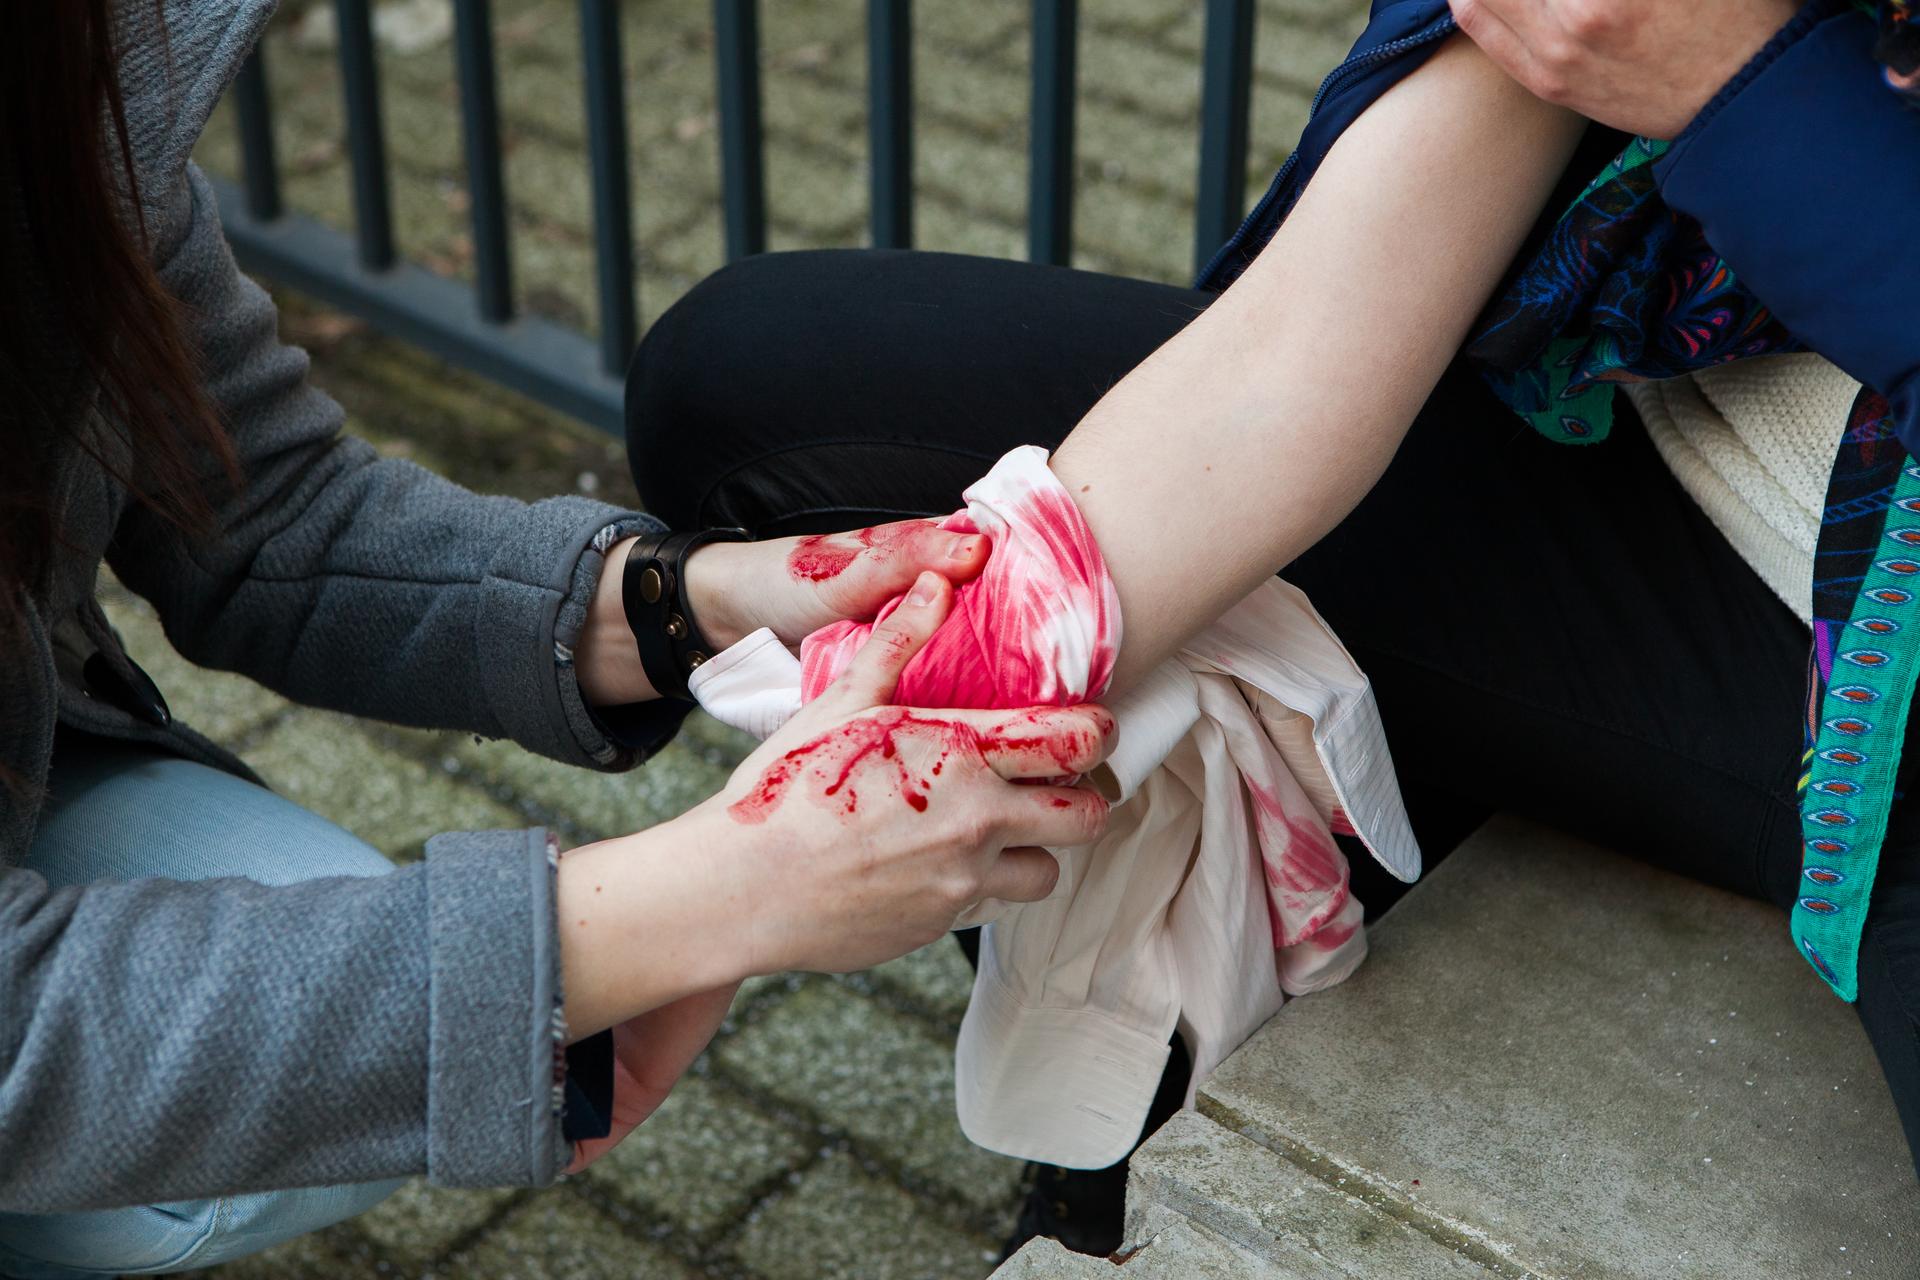 Zdjęcie przedstawia opatrywanie rany na przedramieniu. Poszkodowany po prawej stronie zdjęcia. Ratownik po lewej stronie zdjęcia. Ratownik przytrzymuje biały materiał owinięty wokół przedramienia, powyżej nadgarstka. Dłonie ratownika bez rękawiczek ochronnych. Na dłoniach krew poszkodowanego.